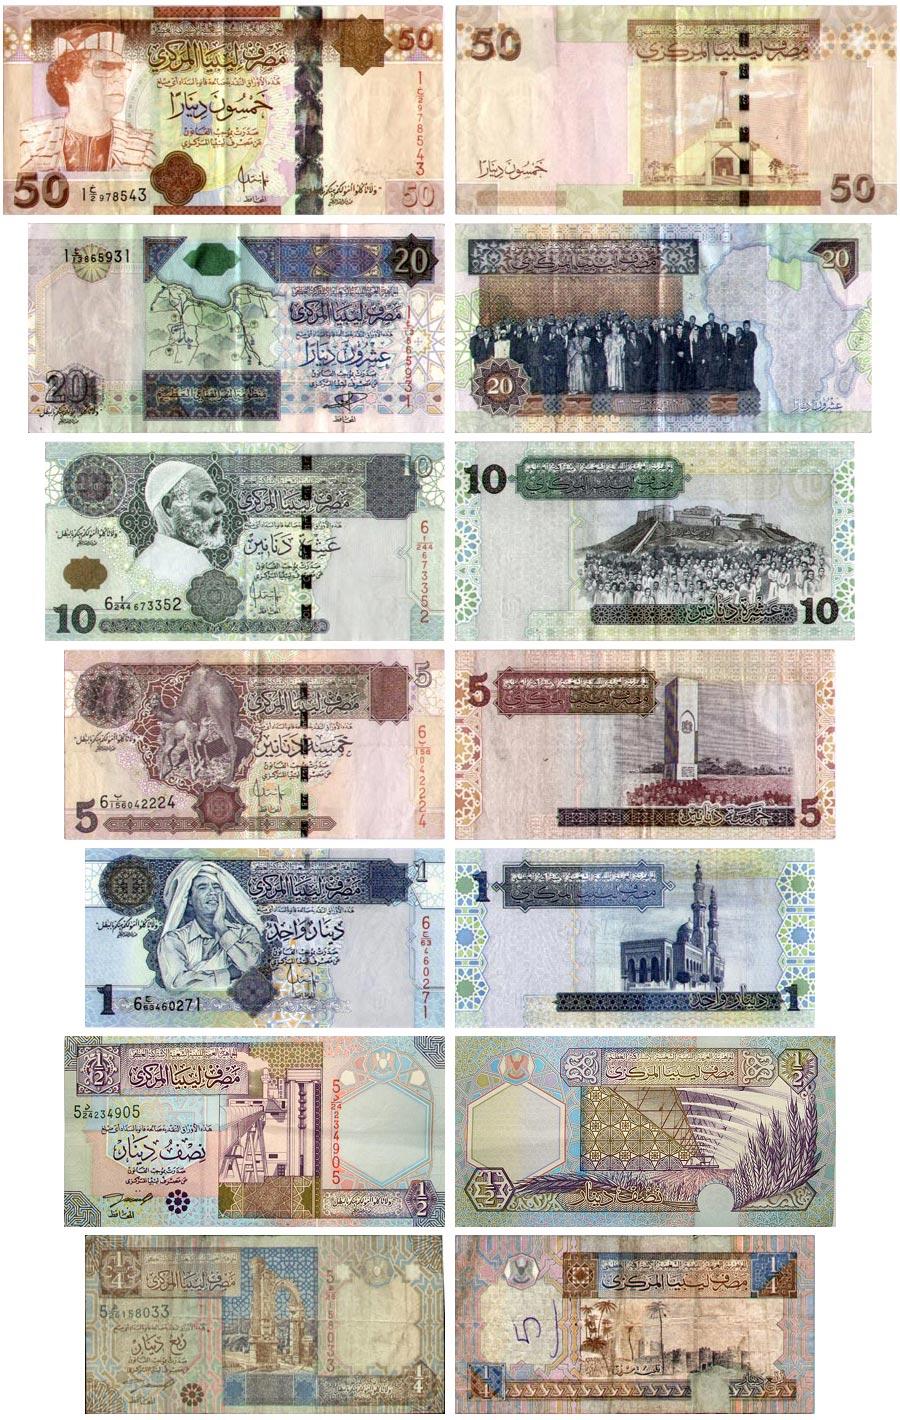 Uae Dirham 50 리비아의 화폐, �...